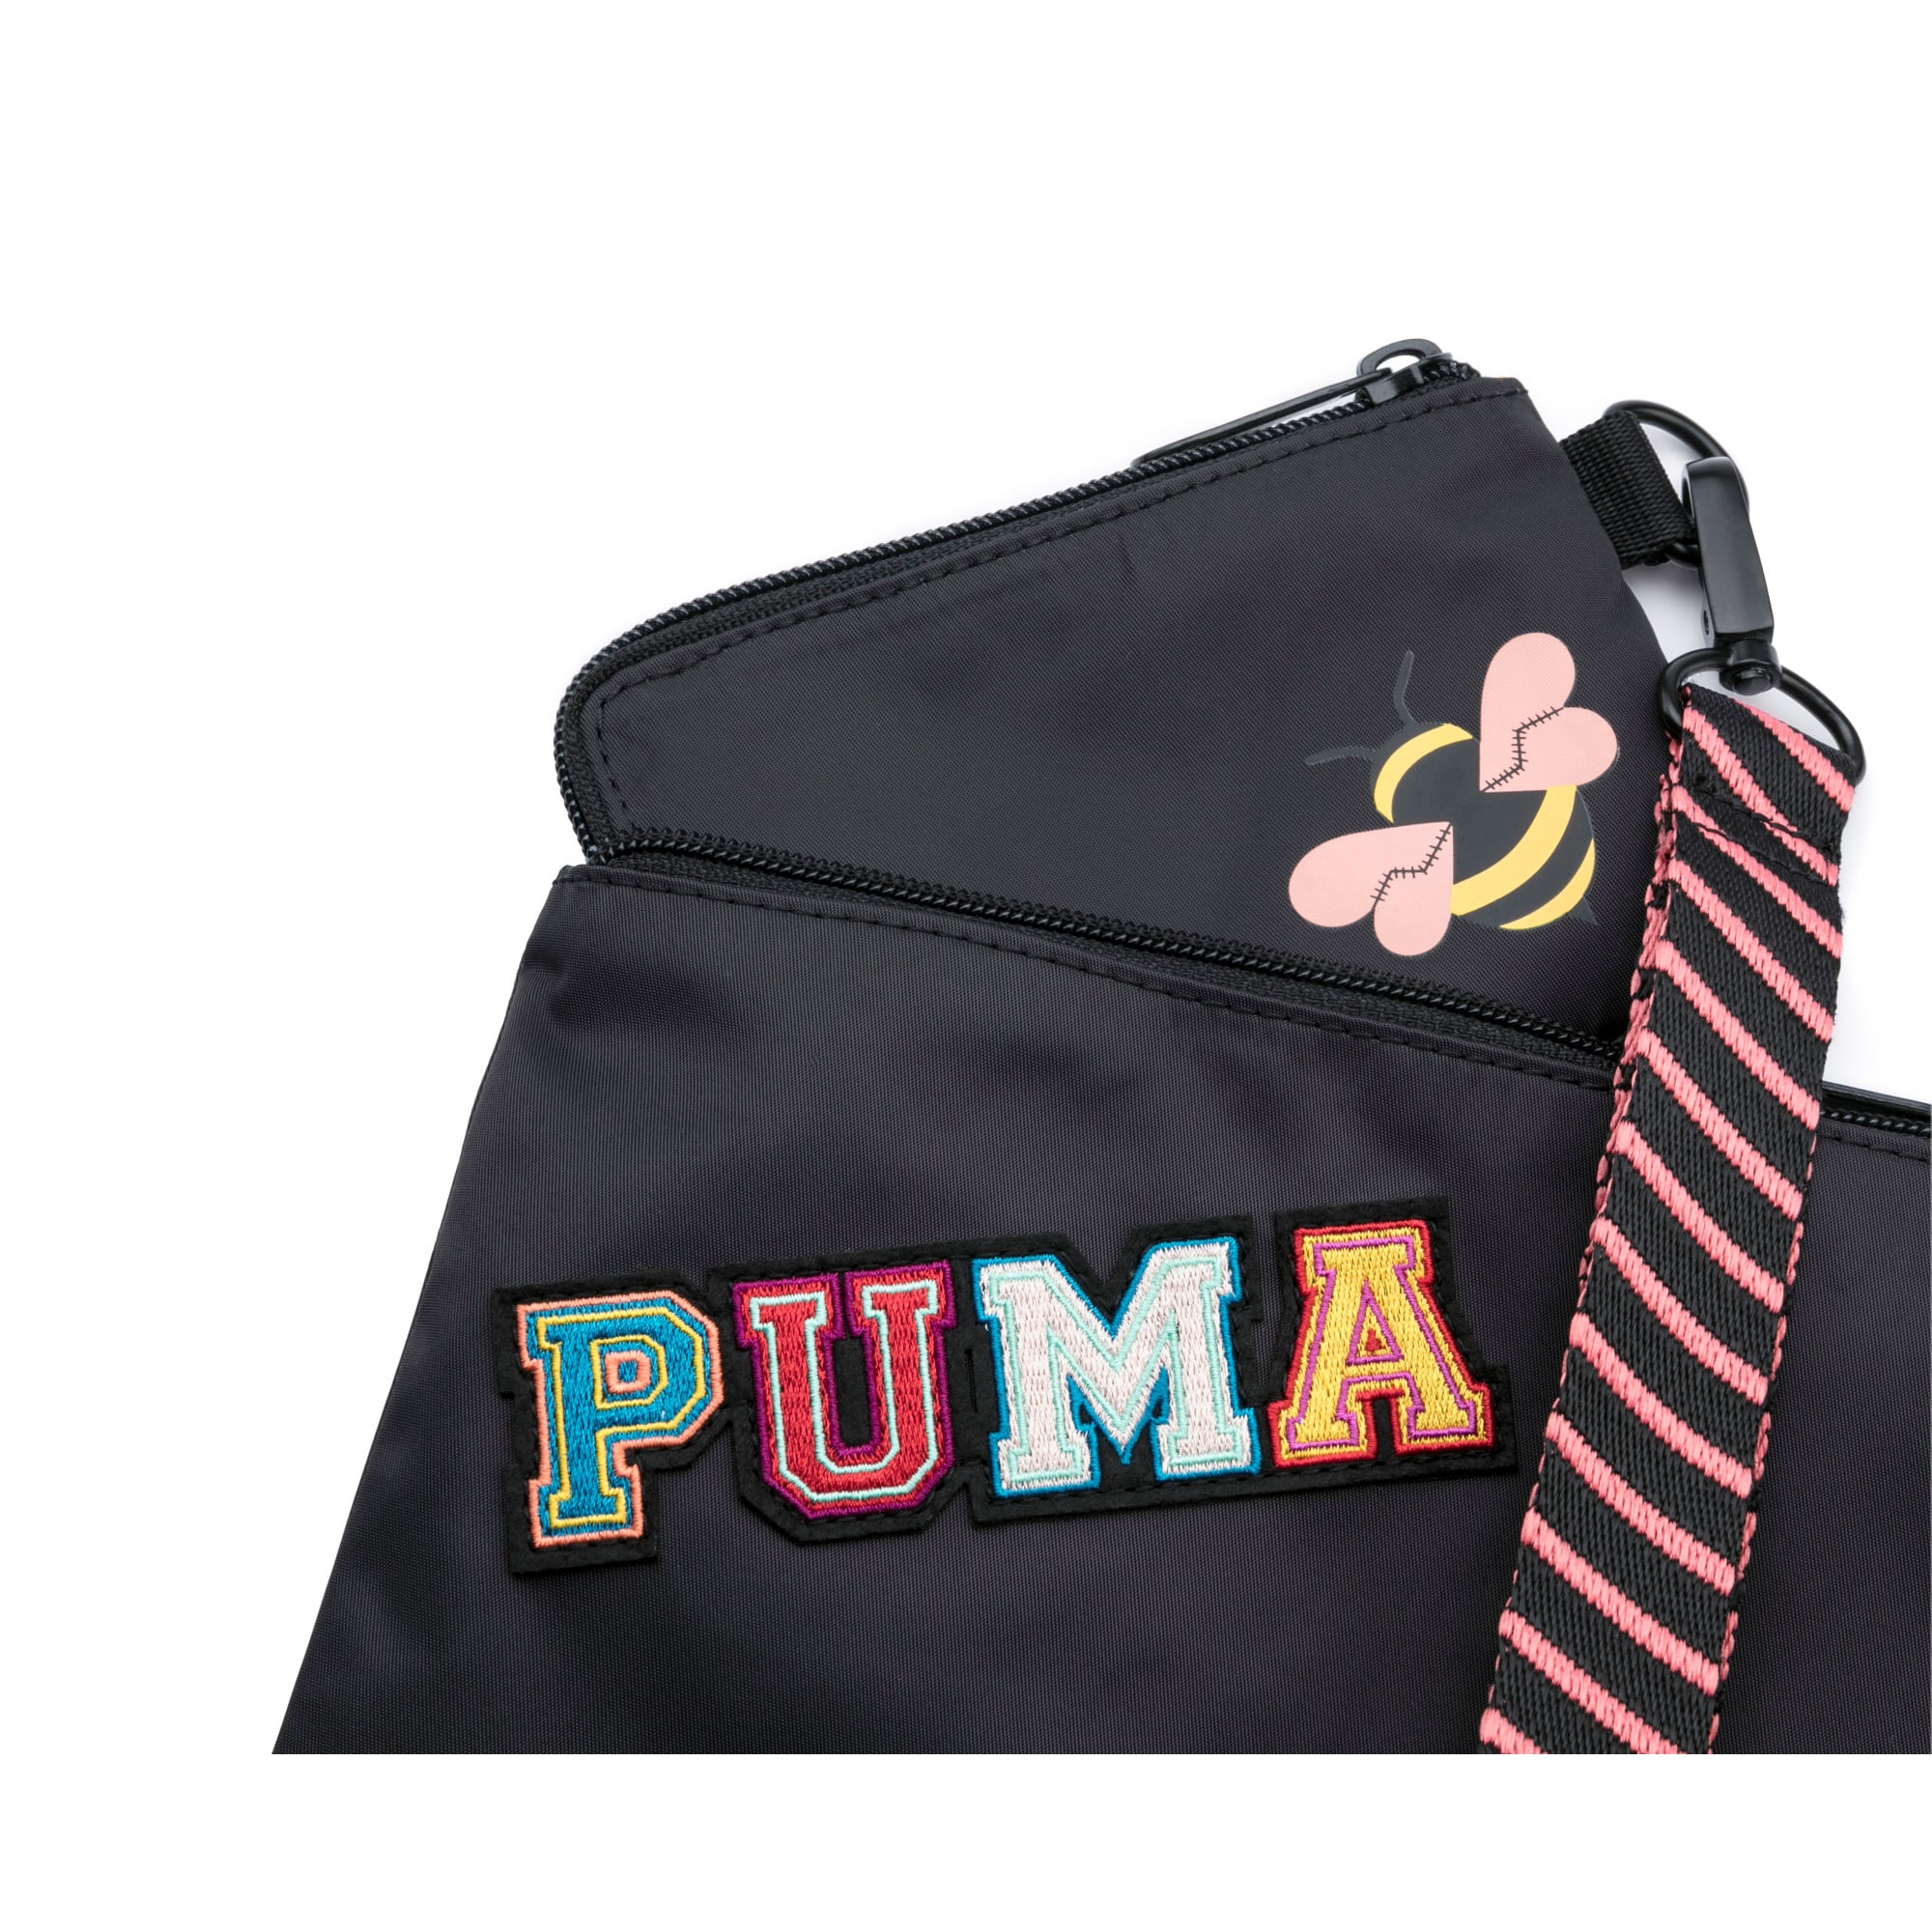 Thumbnail 5 of Sac PUMA x SUE TSAI pour femme, Puma Black, medium